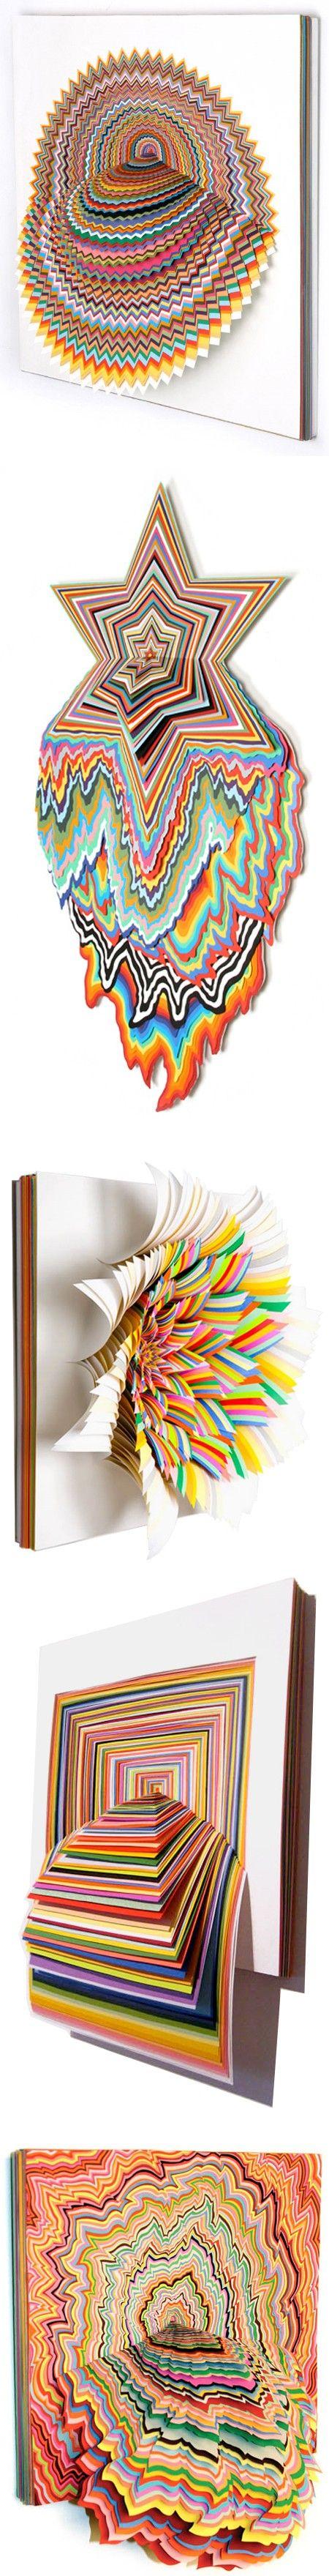 Jen Stark - - Leve o design e a criatividade sempre com você - Conheça nossos produtos - migre.me/dKNbA